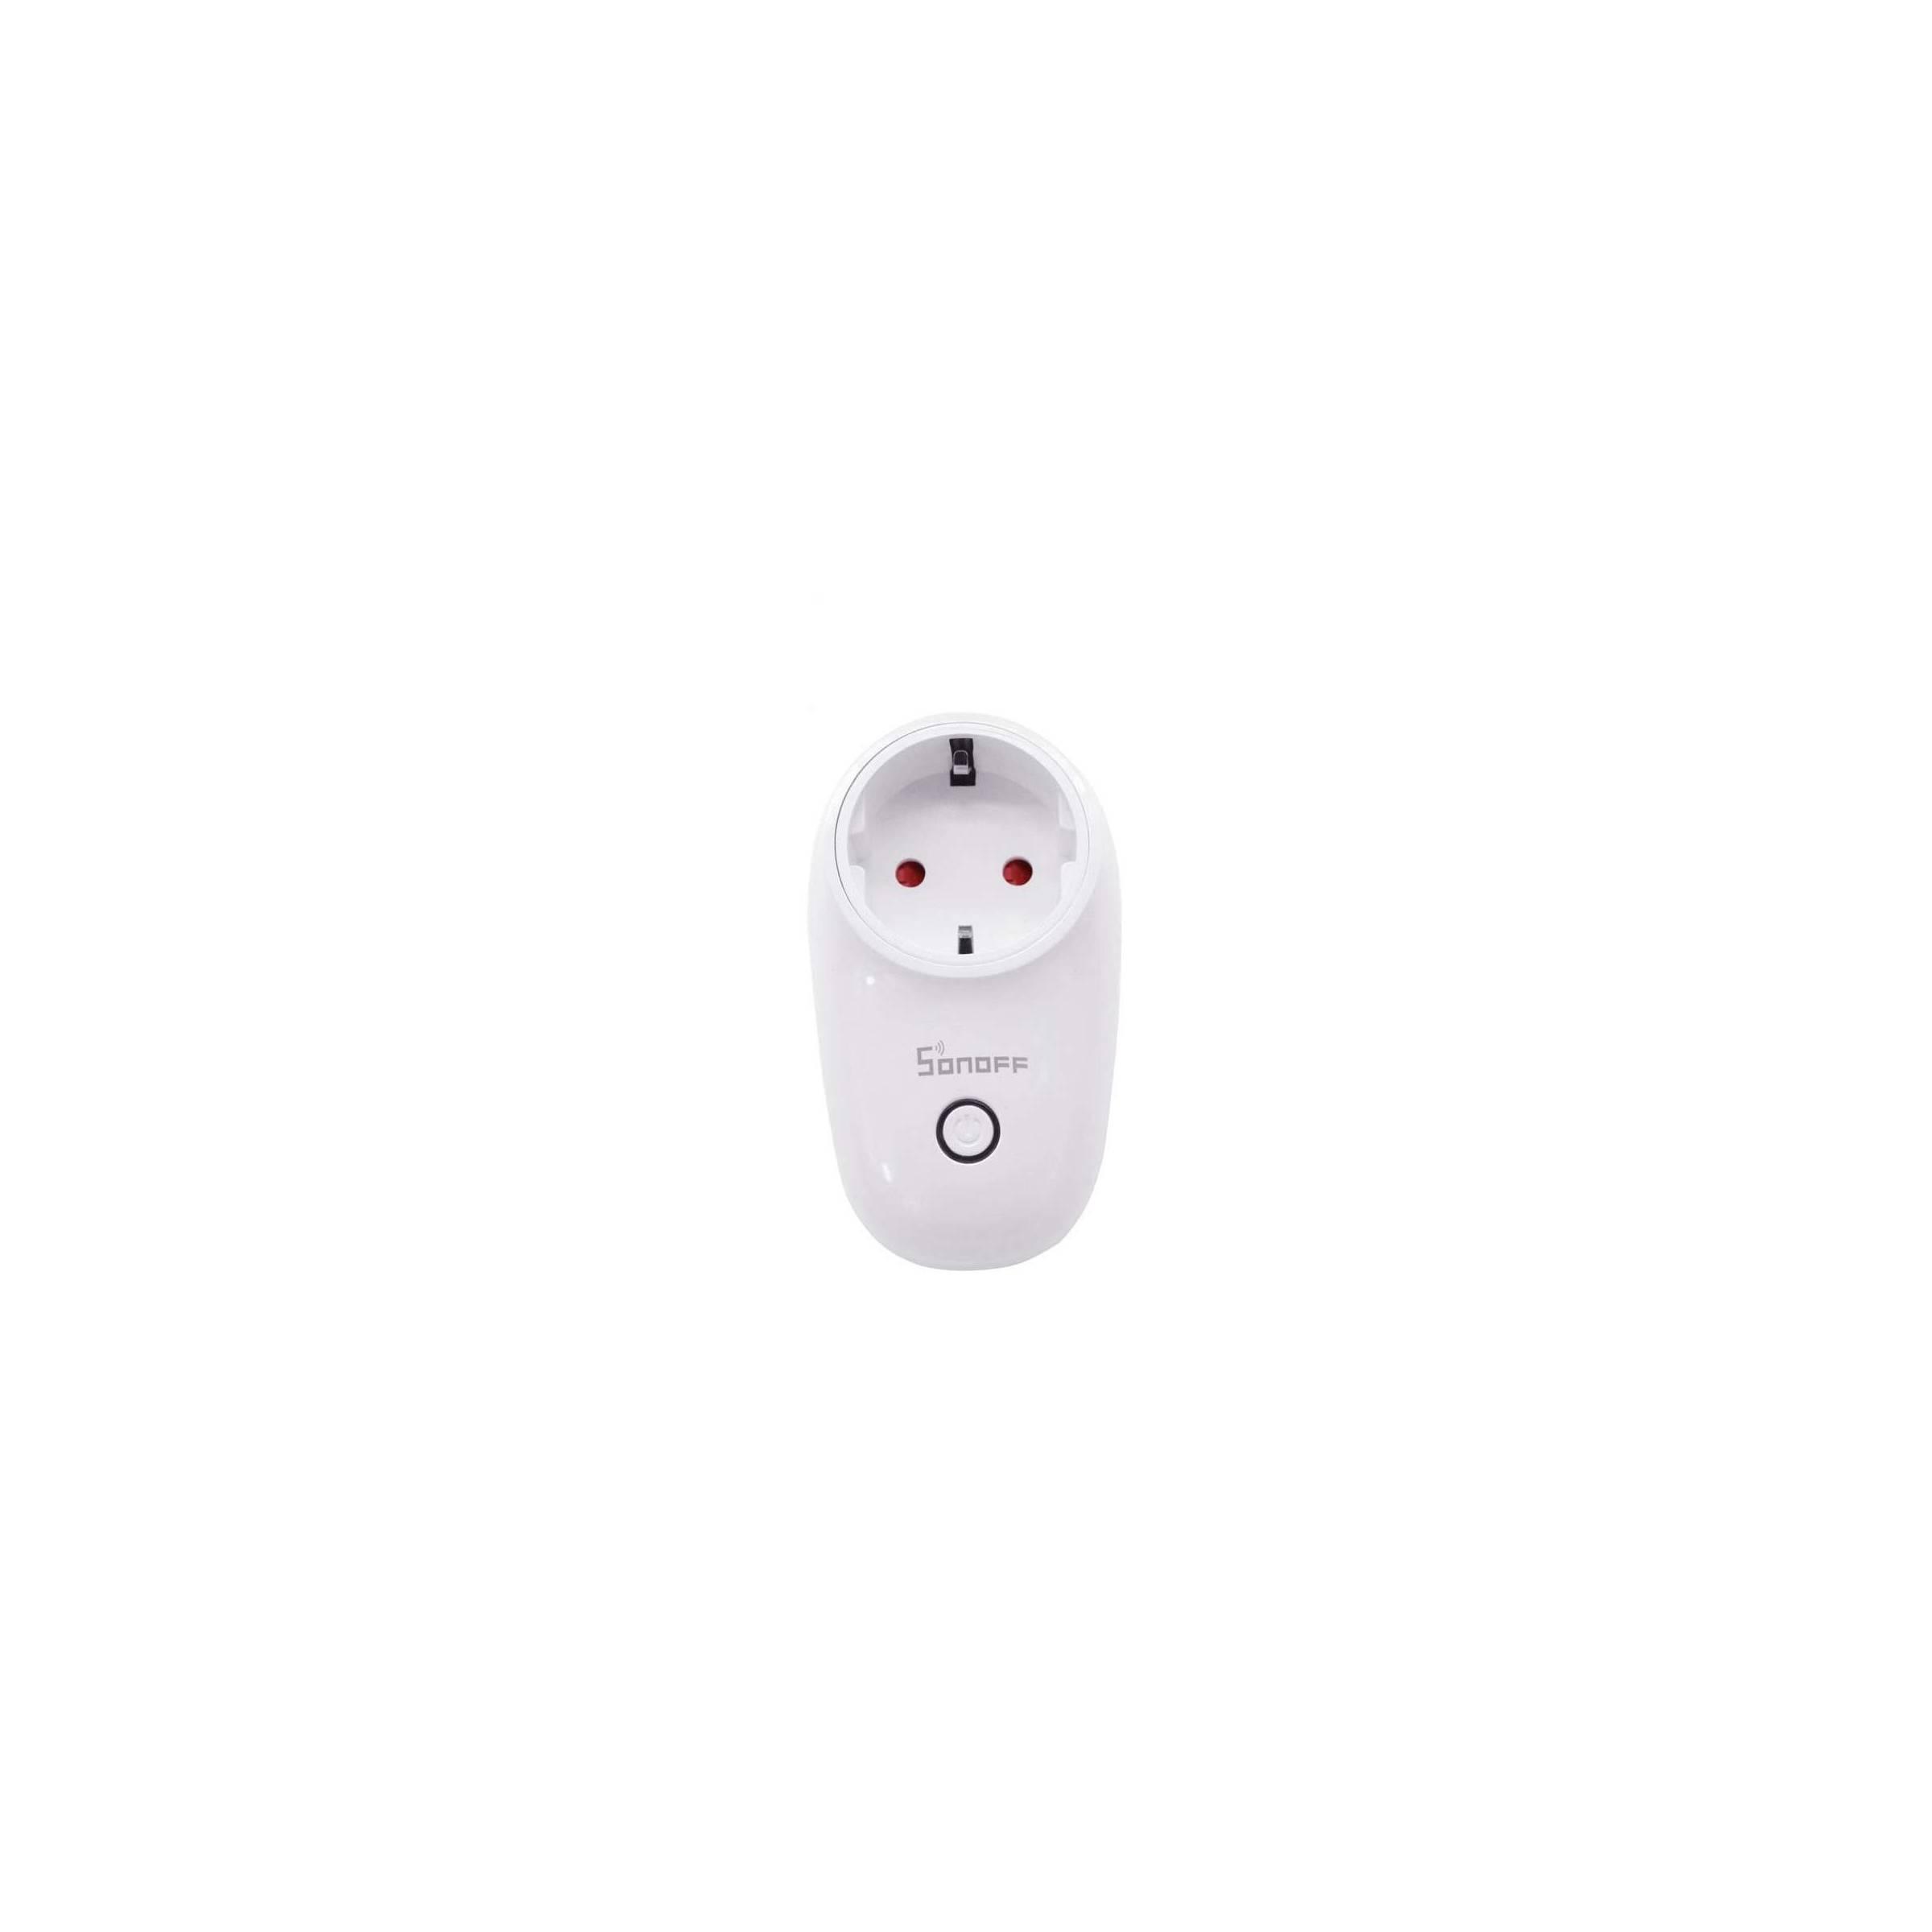 kina oem Sonoff s26 wifi smart stikkontakt (understøtter ios, google home, ifttt & amazon alexa) fra mackabler.dk